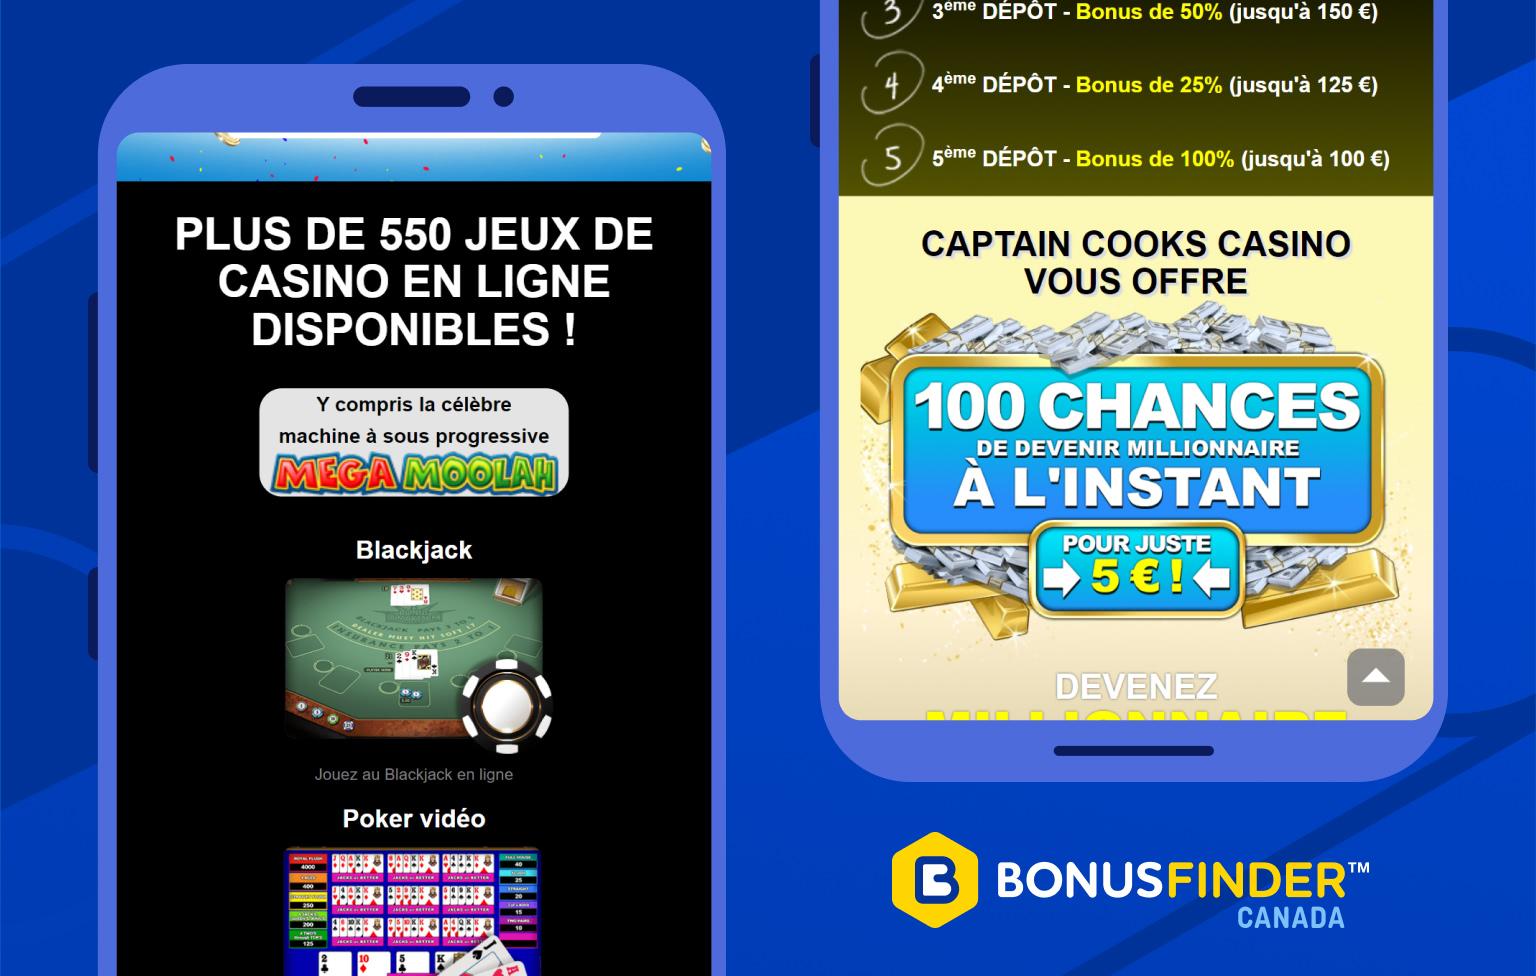 captain cooks casino jeux